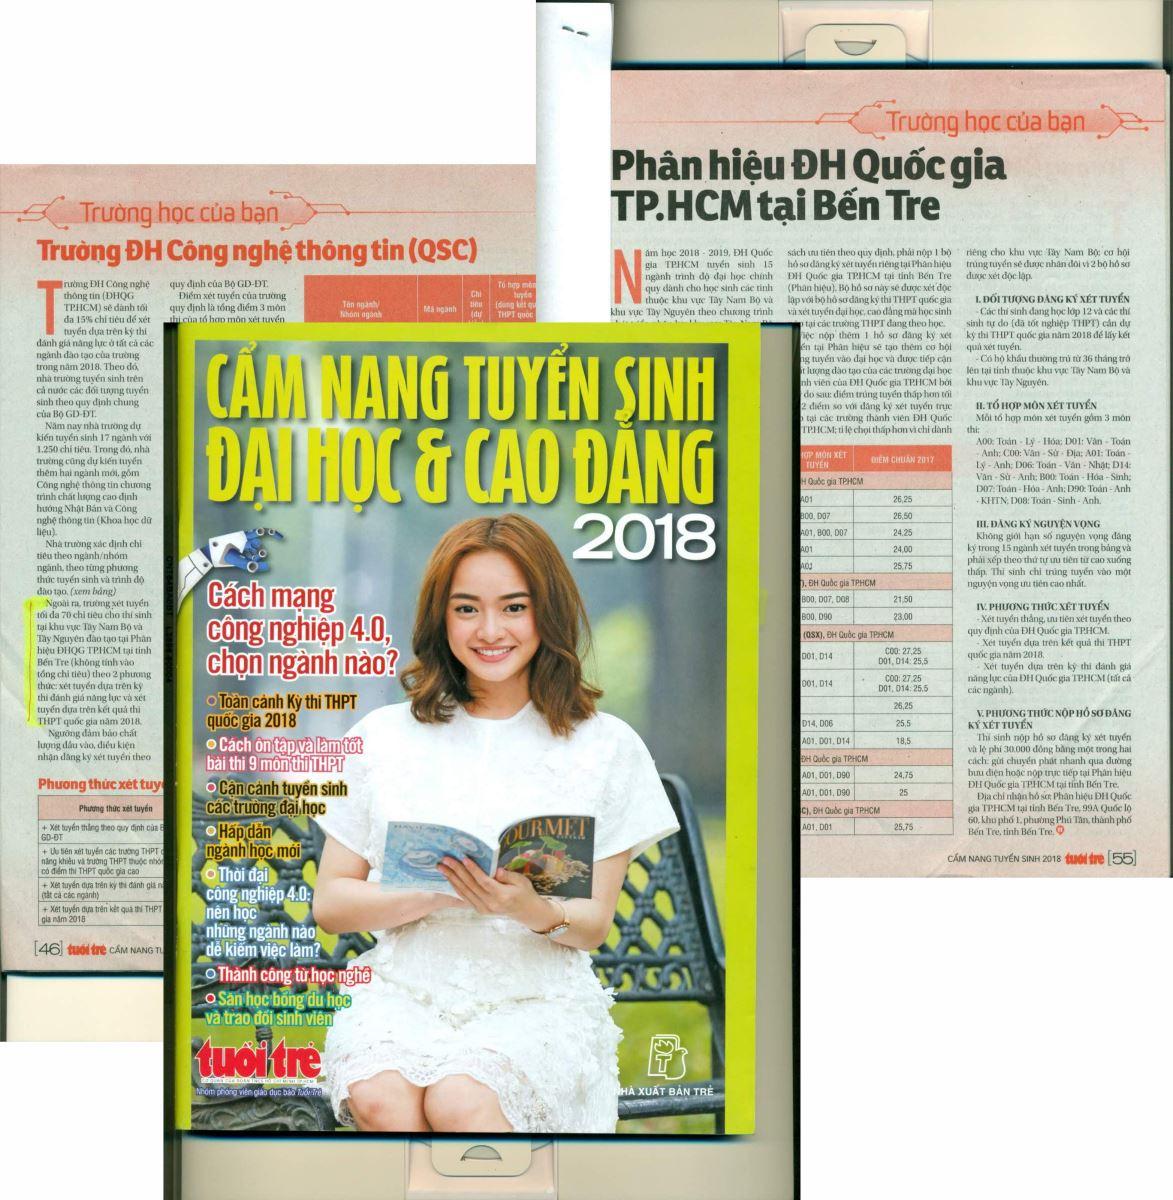 Phân hiệu ĐHQG-HCM tại tỉnh Bến Tre đã có mặt trên trang Báo Cẩm nang tuyển sinh Đại học & Cao đẳng năm 2018